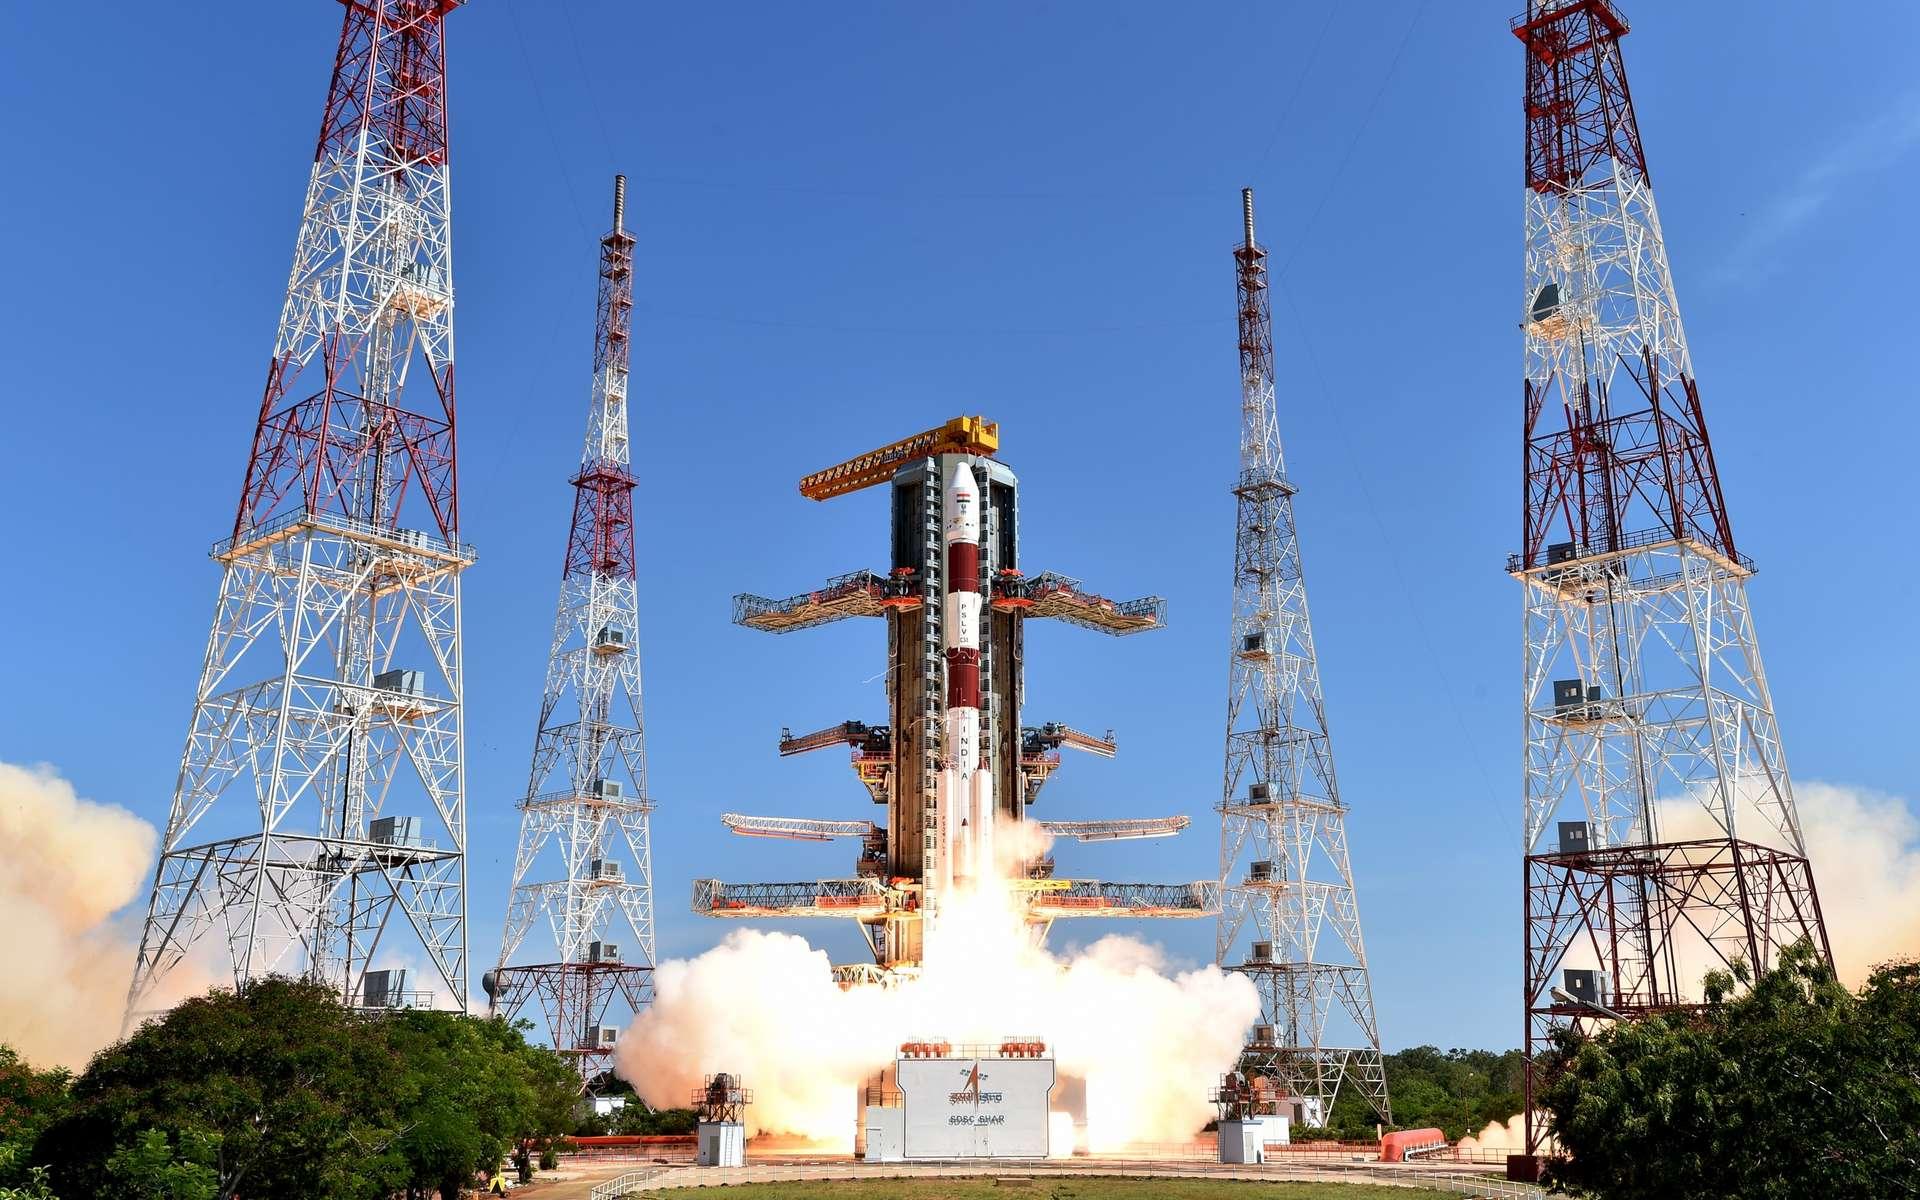 Le 22 juin 2016, l'Inde lançait 20 satellites en une seule fois. Début février 2017, elle battra son propre record et aussi le record mondial en envoyant 103 satellites en un seul lancement. © Isro